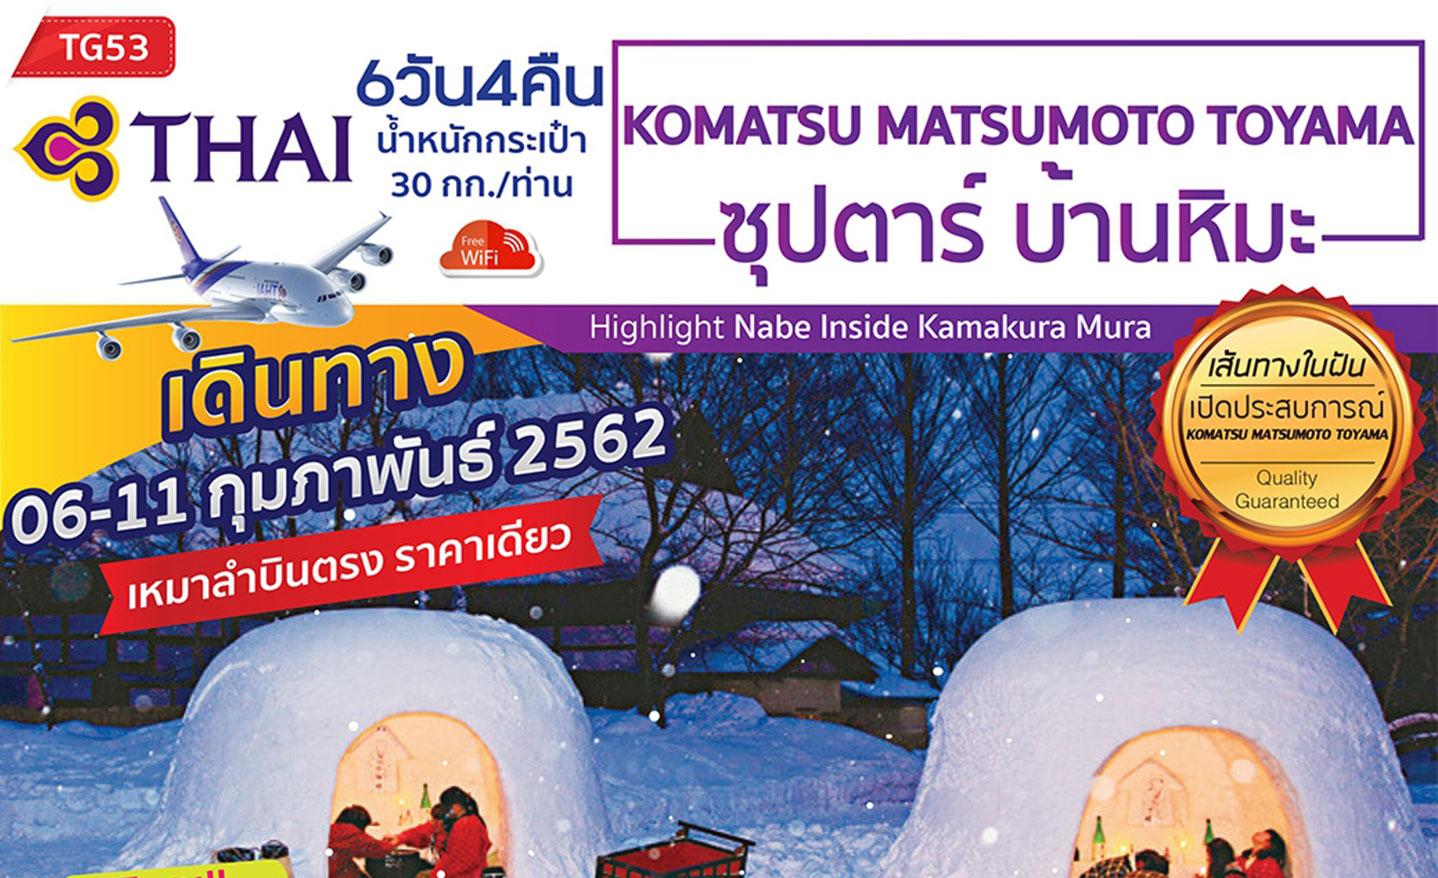 ทัวร์ญี่ปุ่น Komatsu Matsumoto Toyama  ซุปตาร์ บ้านหิมะ (6-11 ก.พ.62)